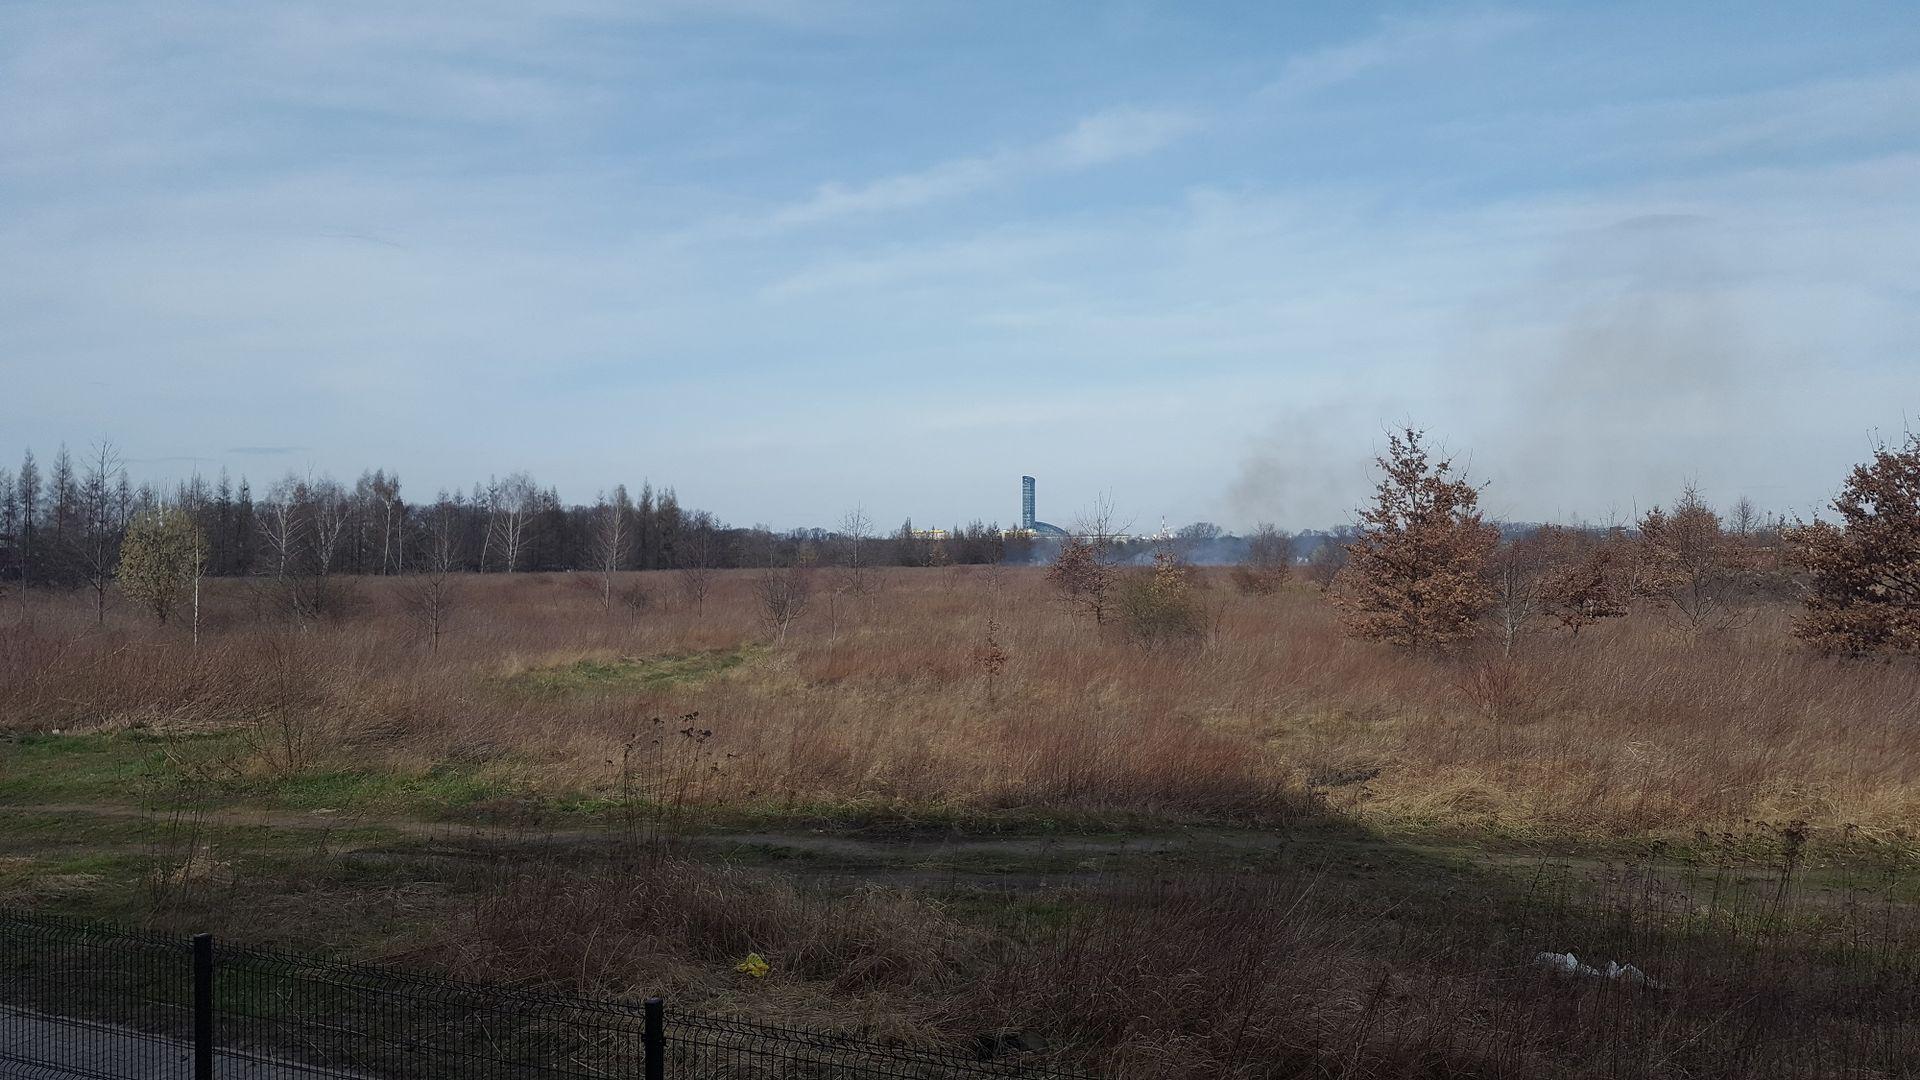 [Wrocław] Urzędnicy oczekują zmian w projekcie osiedla na Ołtaszynie